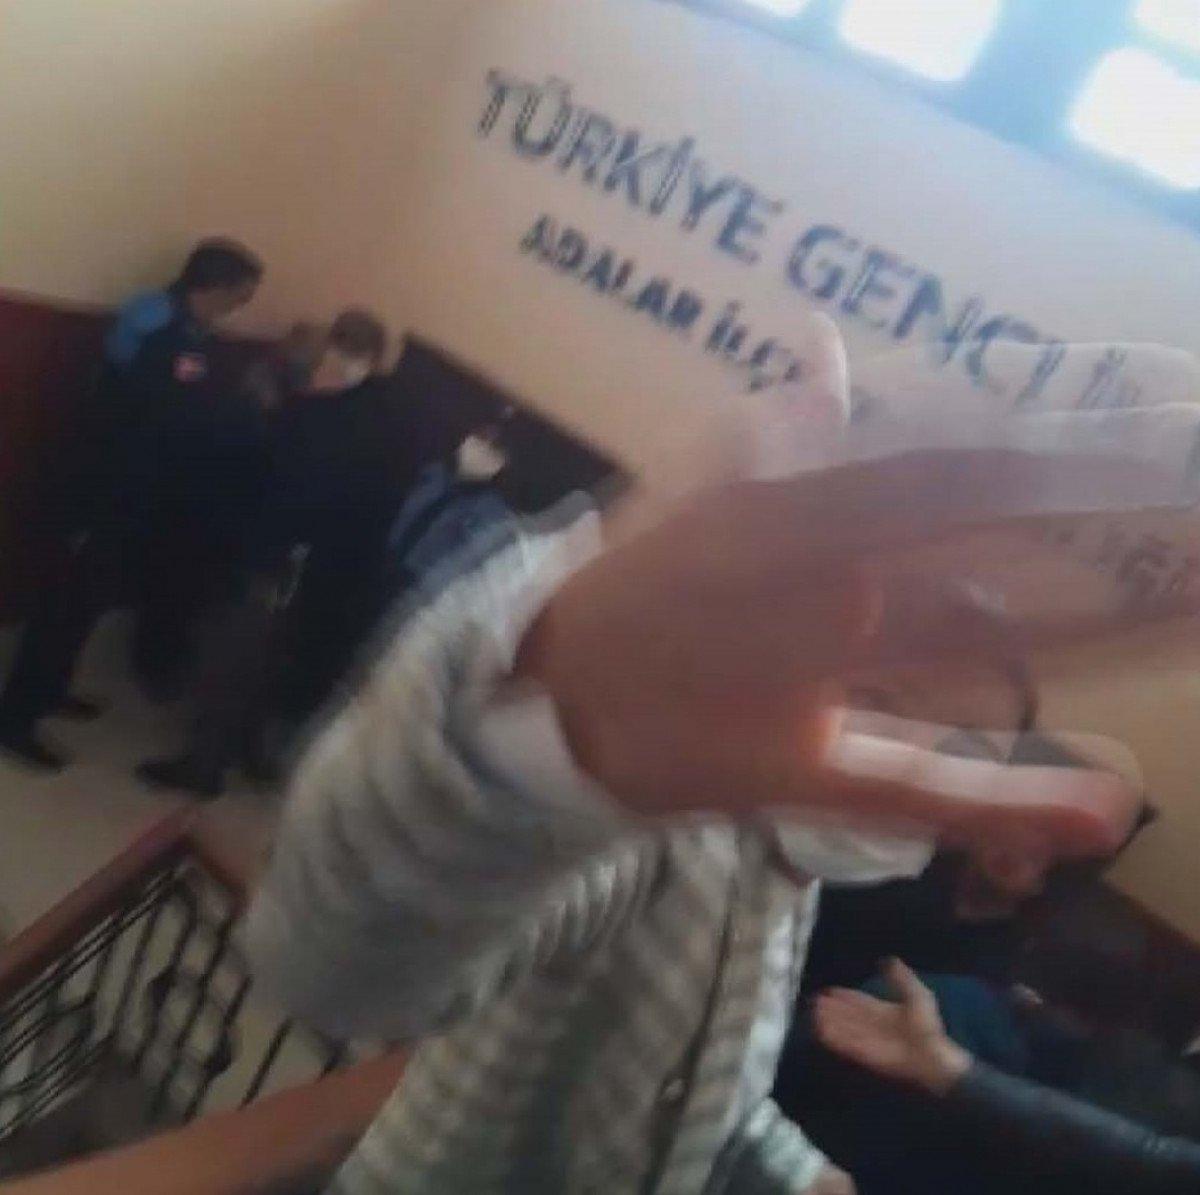 Büyükada da gergin tahliye: İBB ve TÜGVA'dan açıklama geldi #1